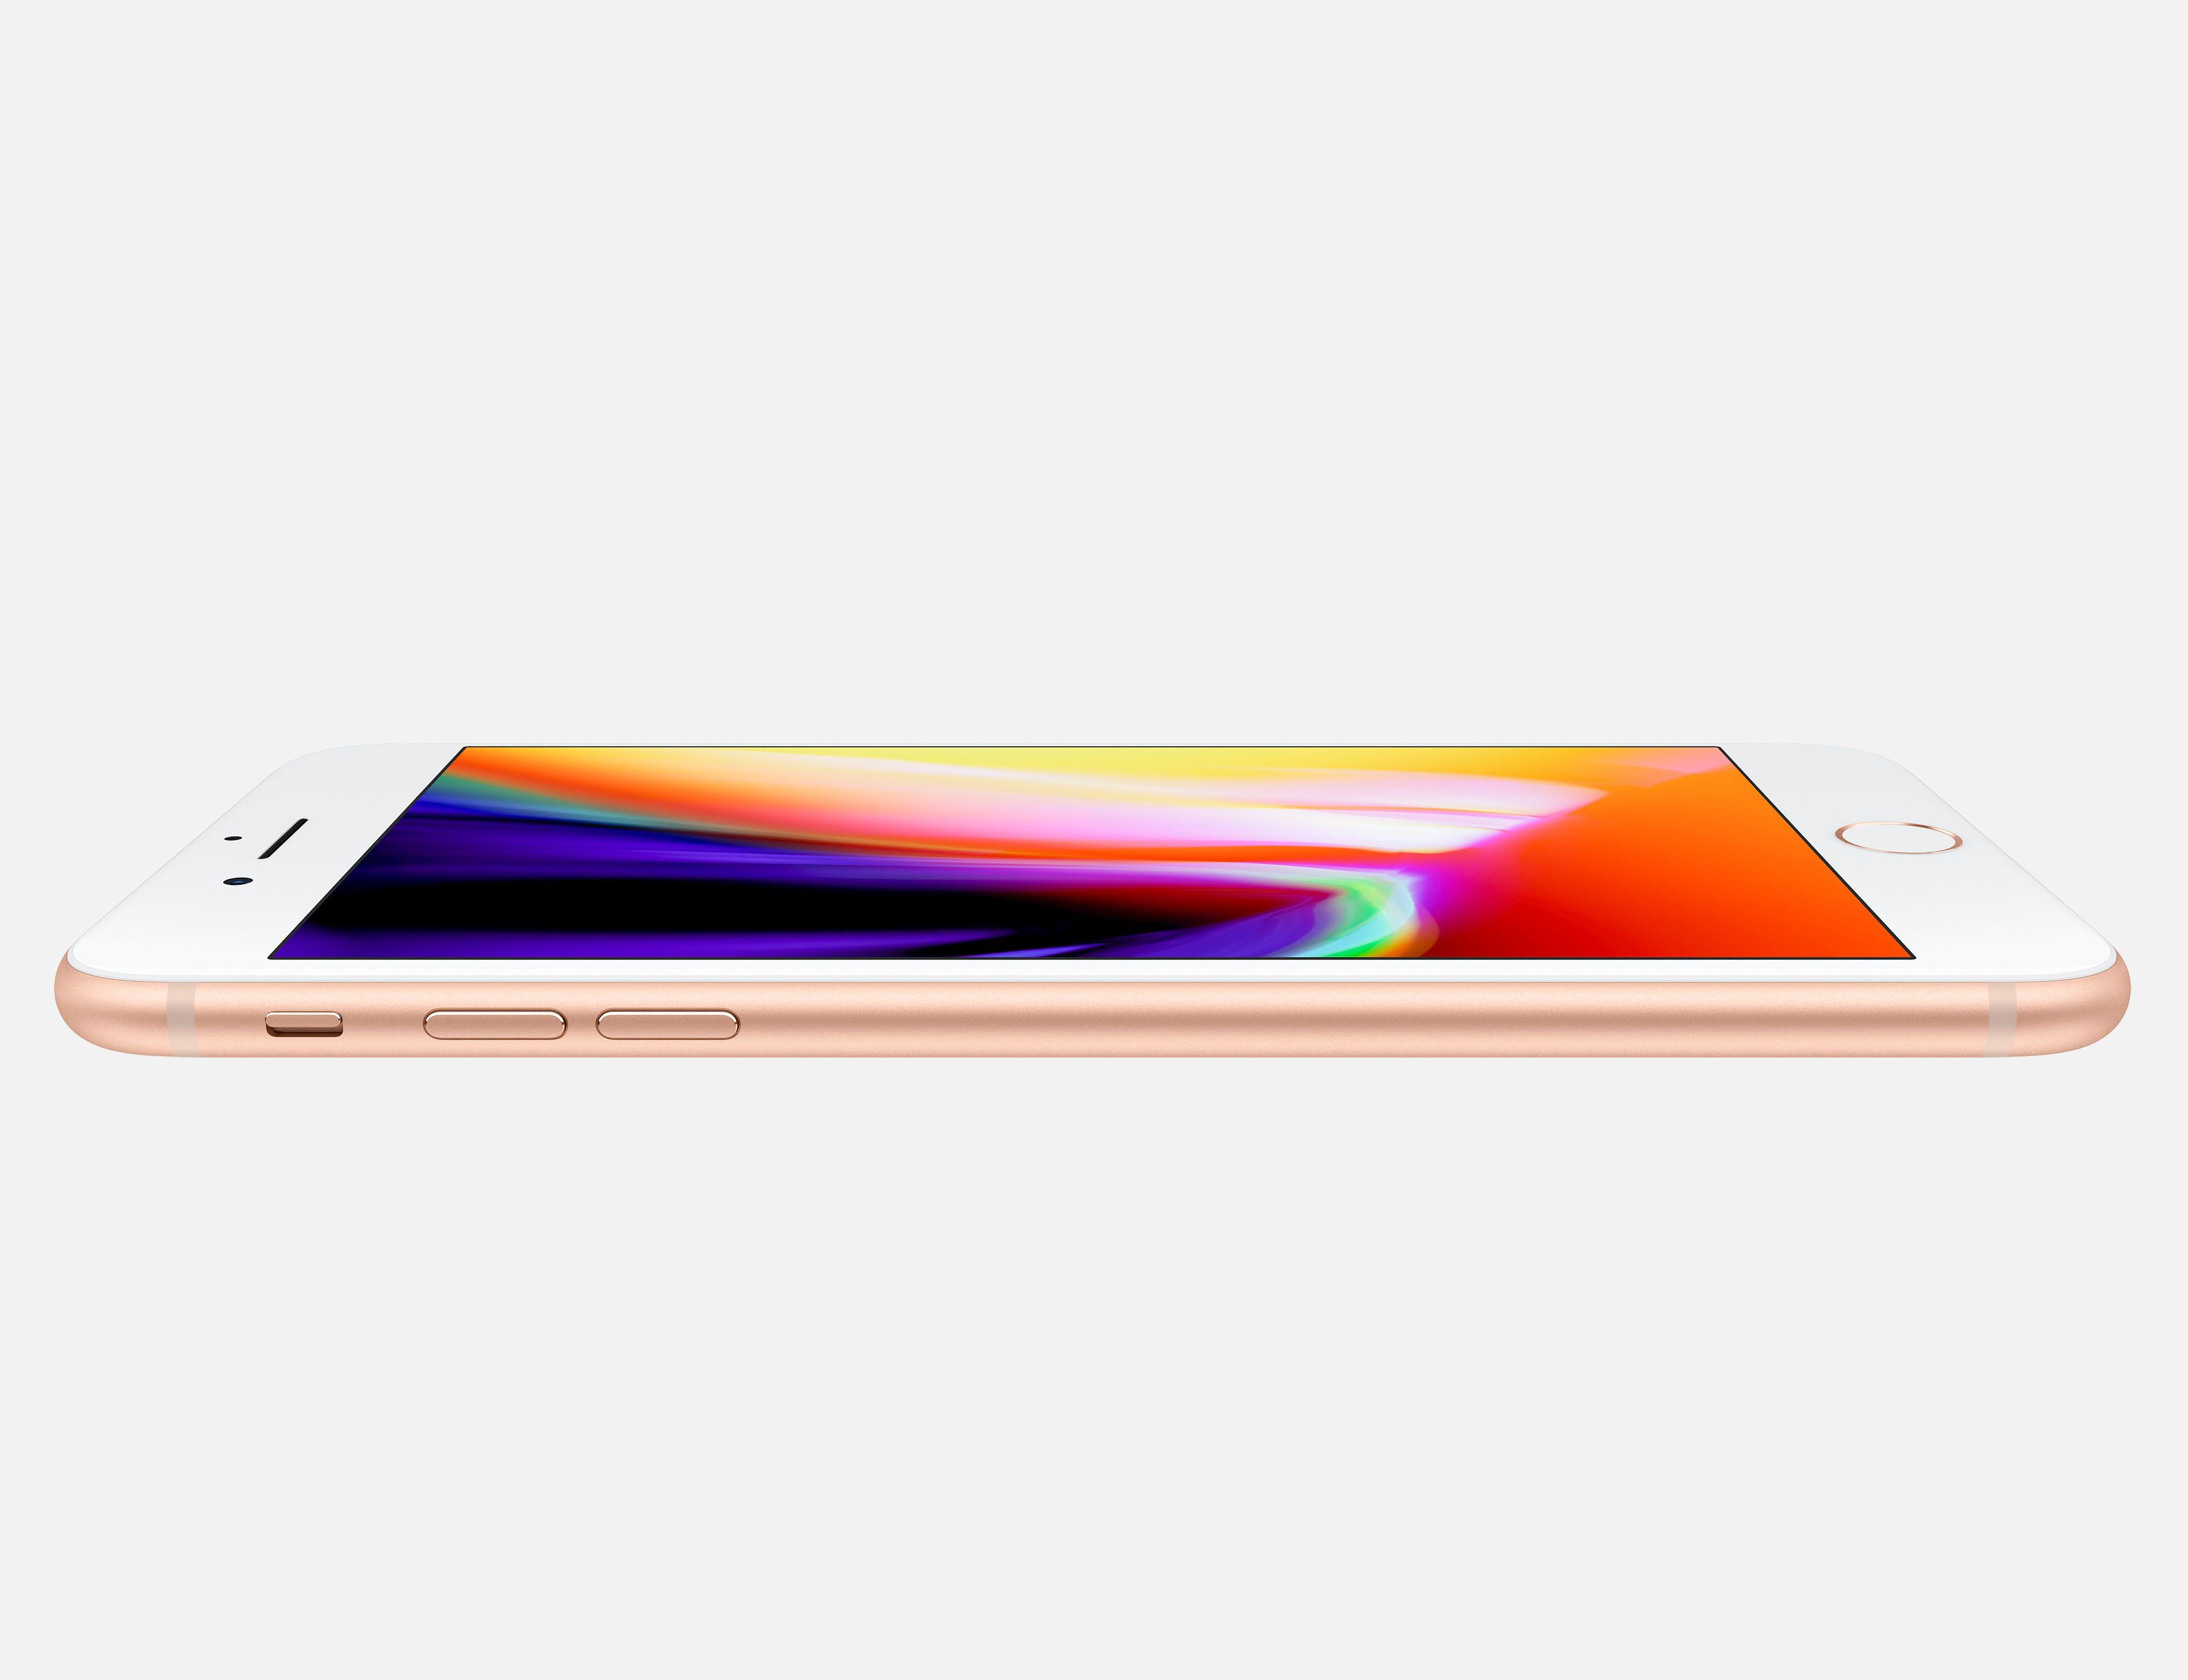 Apple、2020年3月に4.7インチ・ホームボタン搭載のiPhone SEの後継モデルを発売か